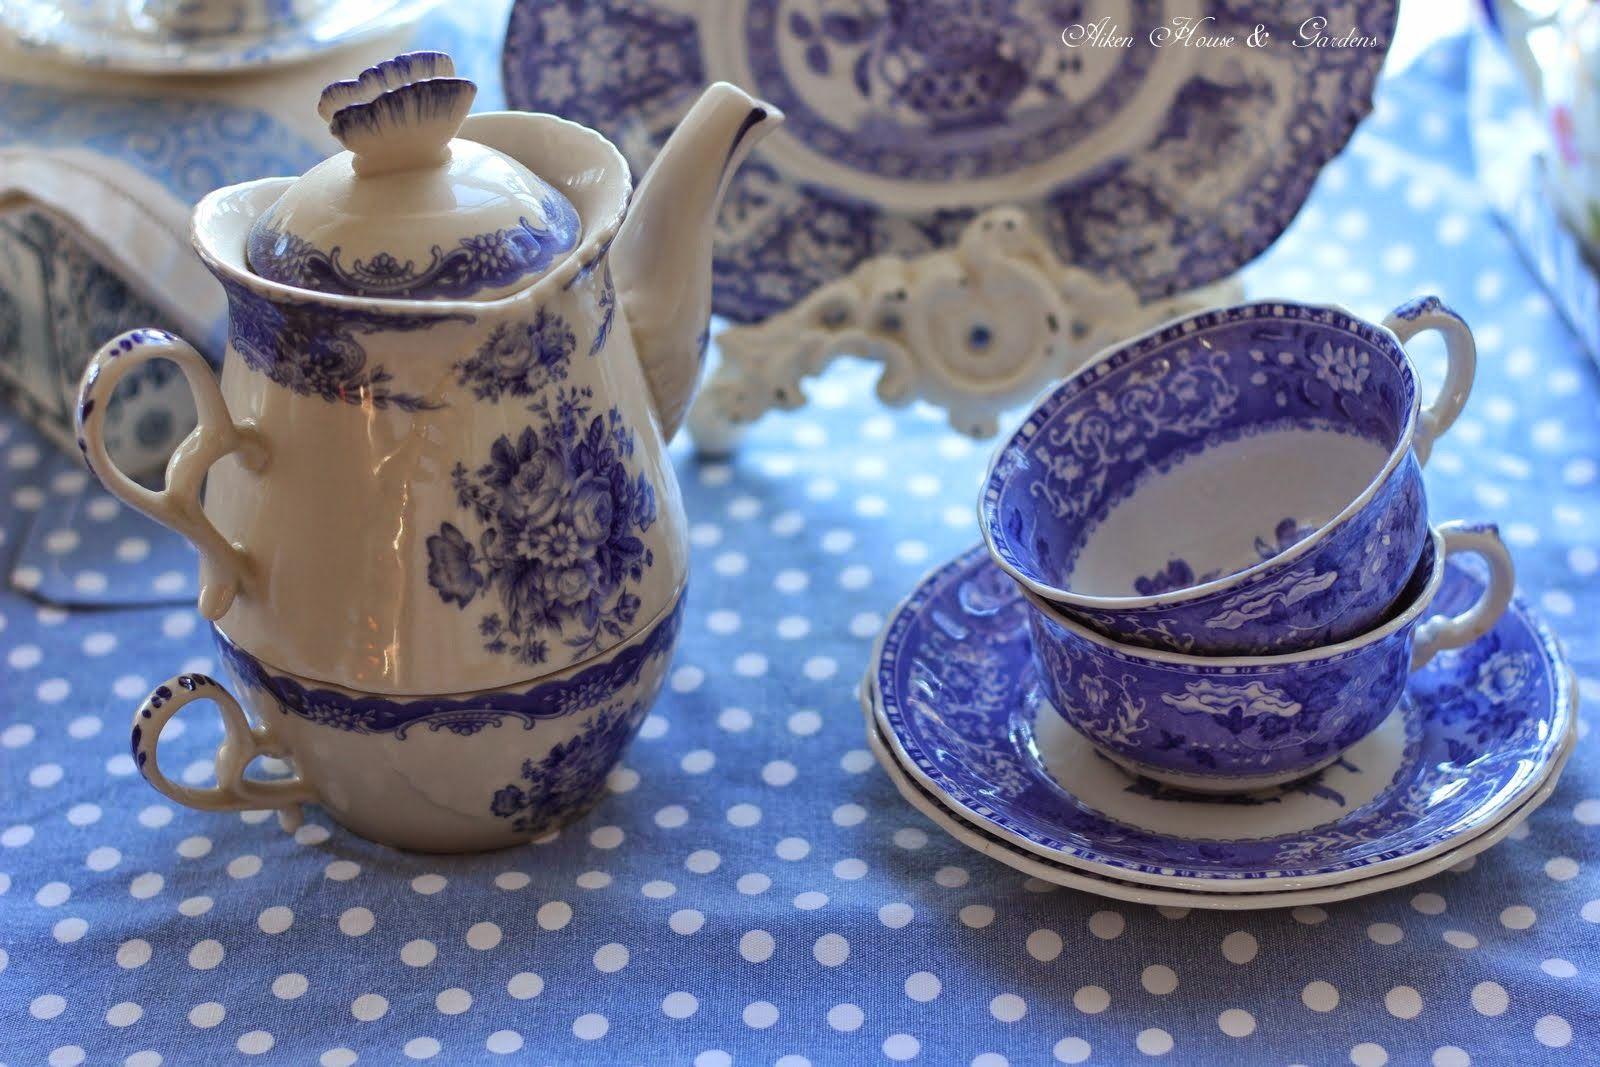 Aiken House & Gardens: Blue & White transferware, The teacups are Spode.